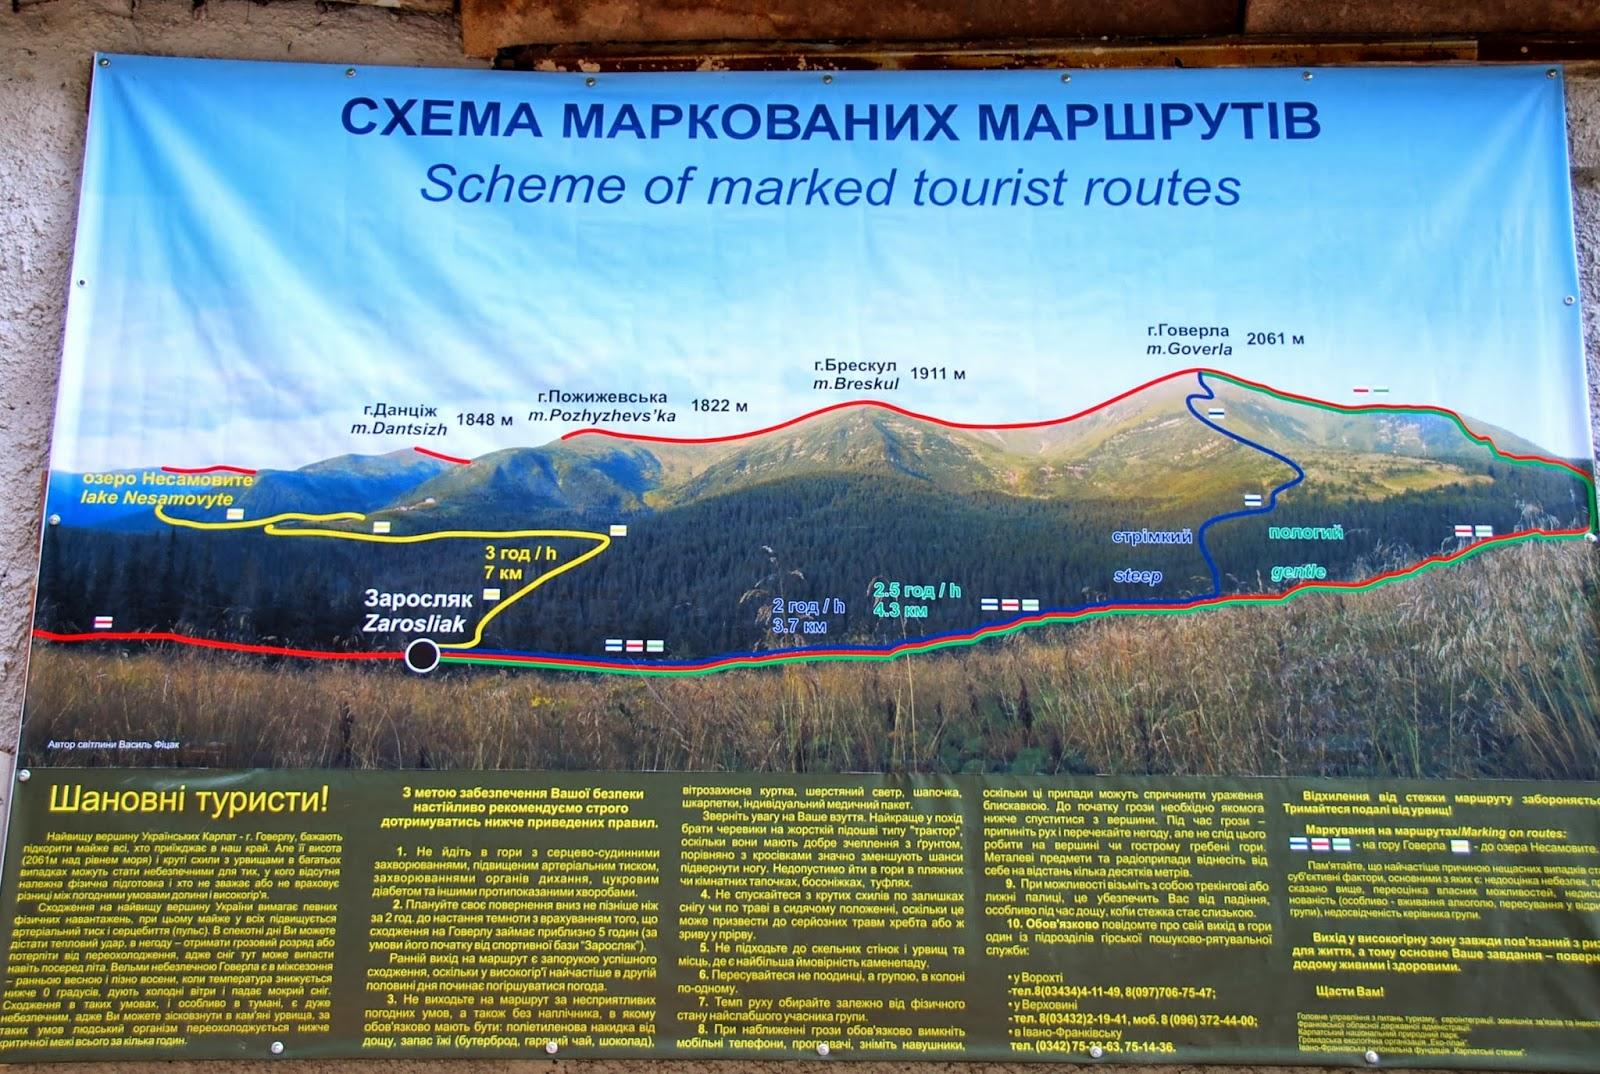 Харькове: девушка маршрут на 3 дня карпаты спине: симптомы